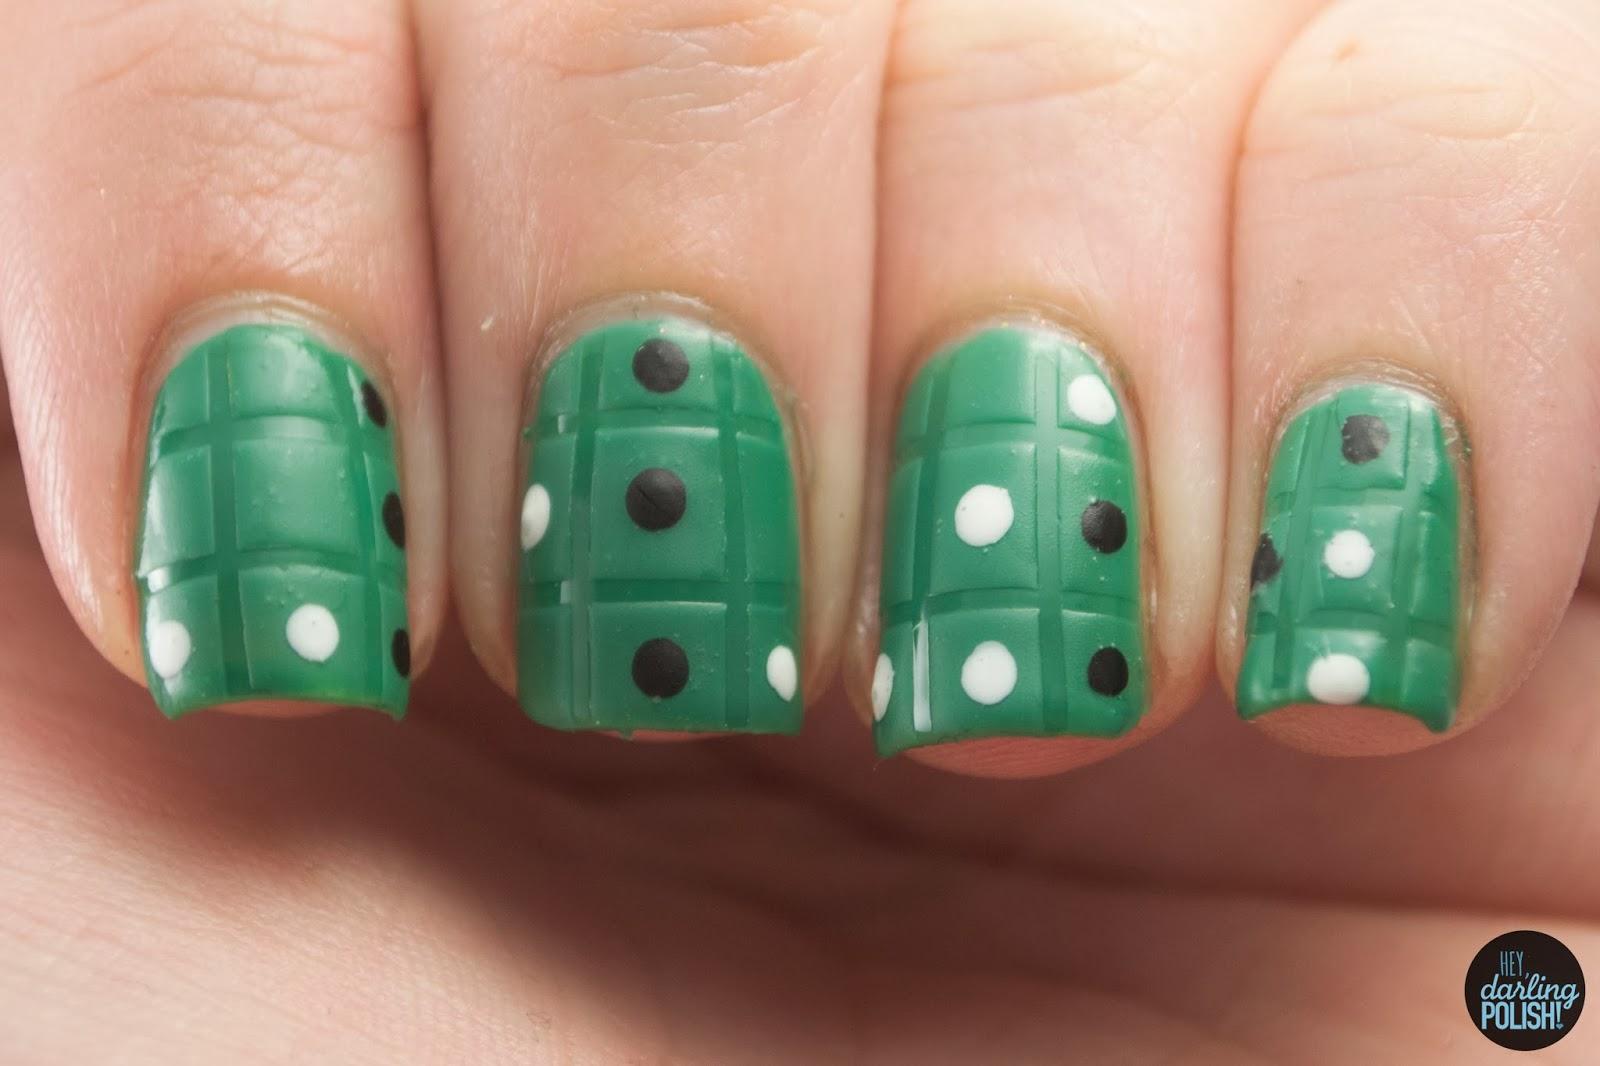 nails, nail art, nail polish, polish, game night, othello, green, dots, grid, matte, hey darling polish, nail art a go go